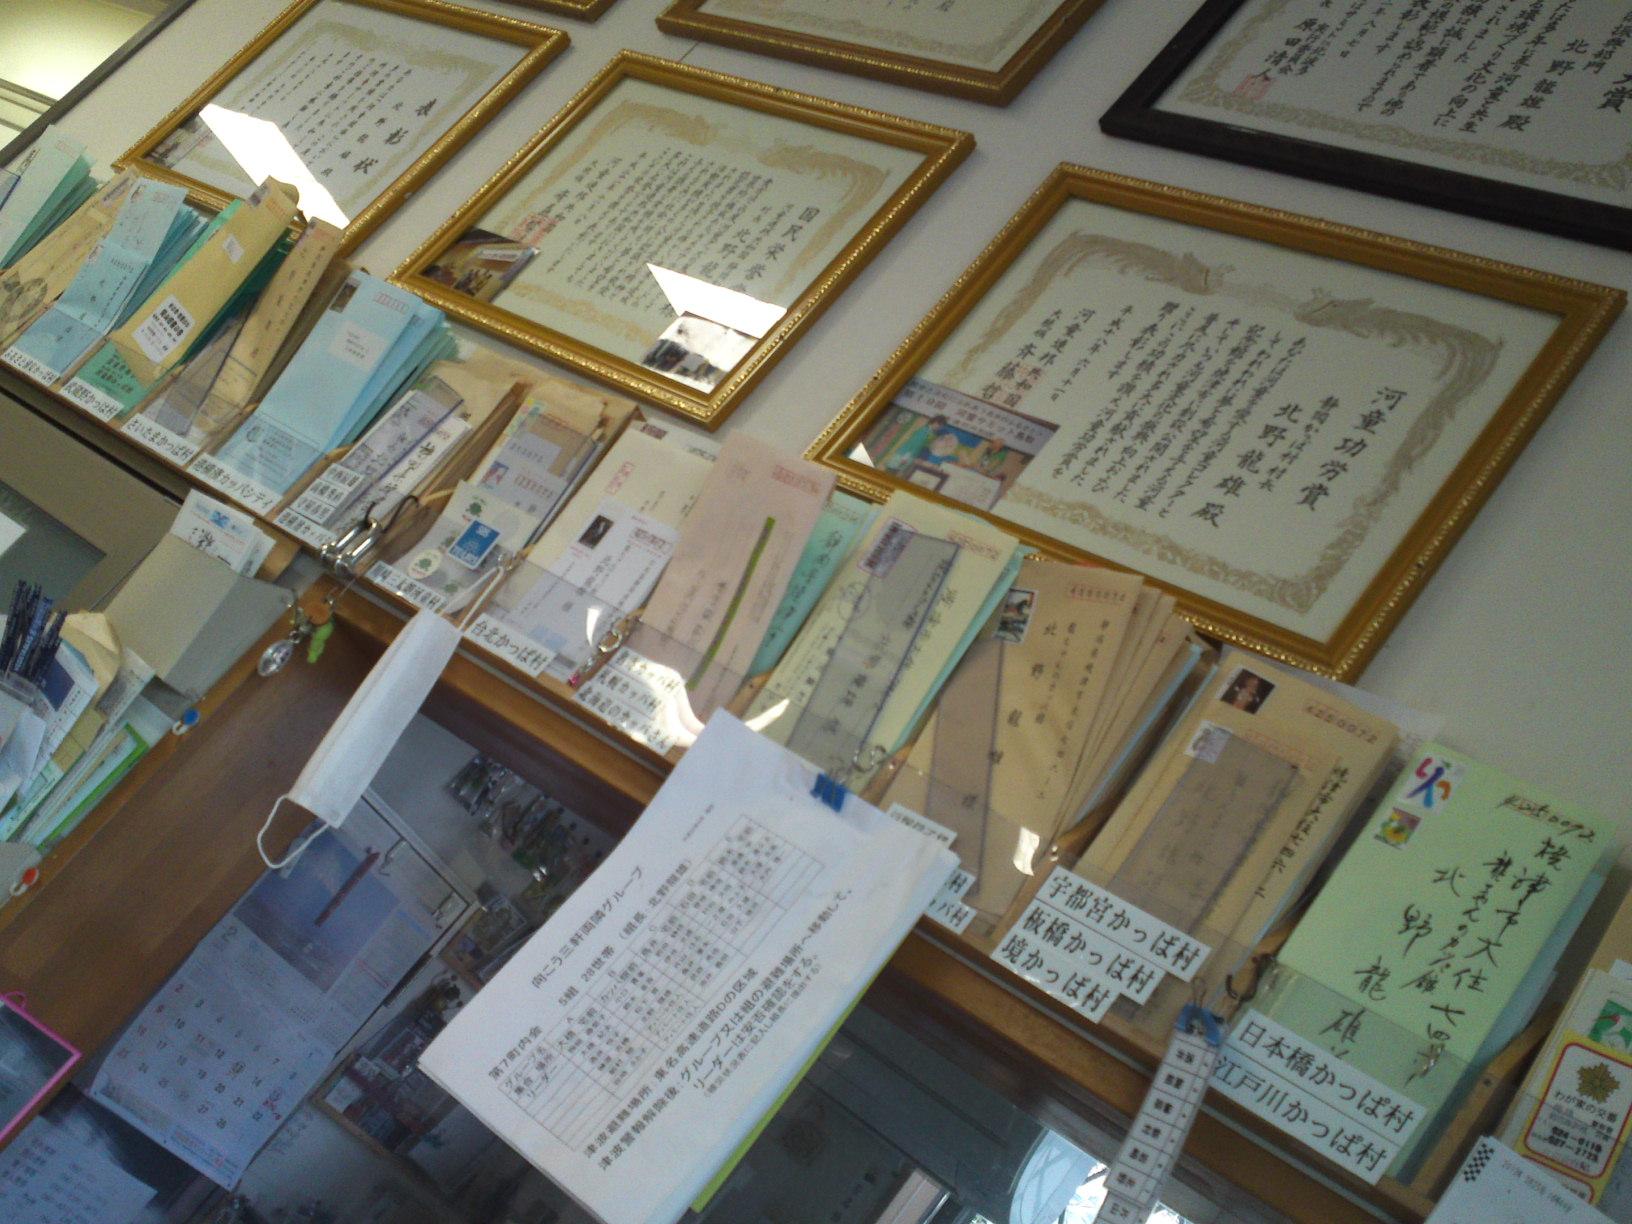 Collection de Kappa au Musée de Kappa de Tach-chan's dans la Ville de Yaizu, les trophées